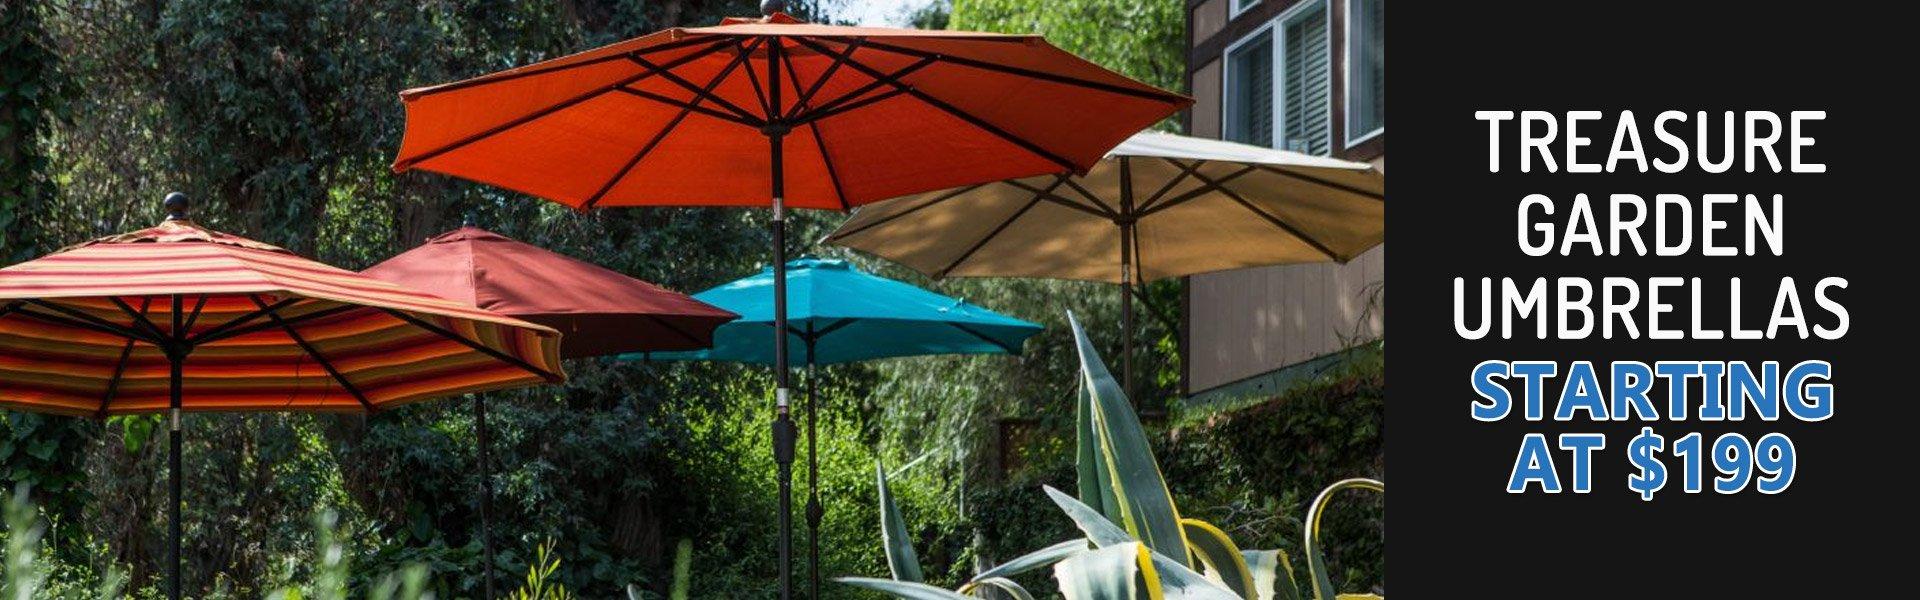 SPRING-FEVER-SALE-2021-umbrellas